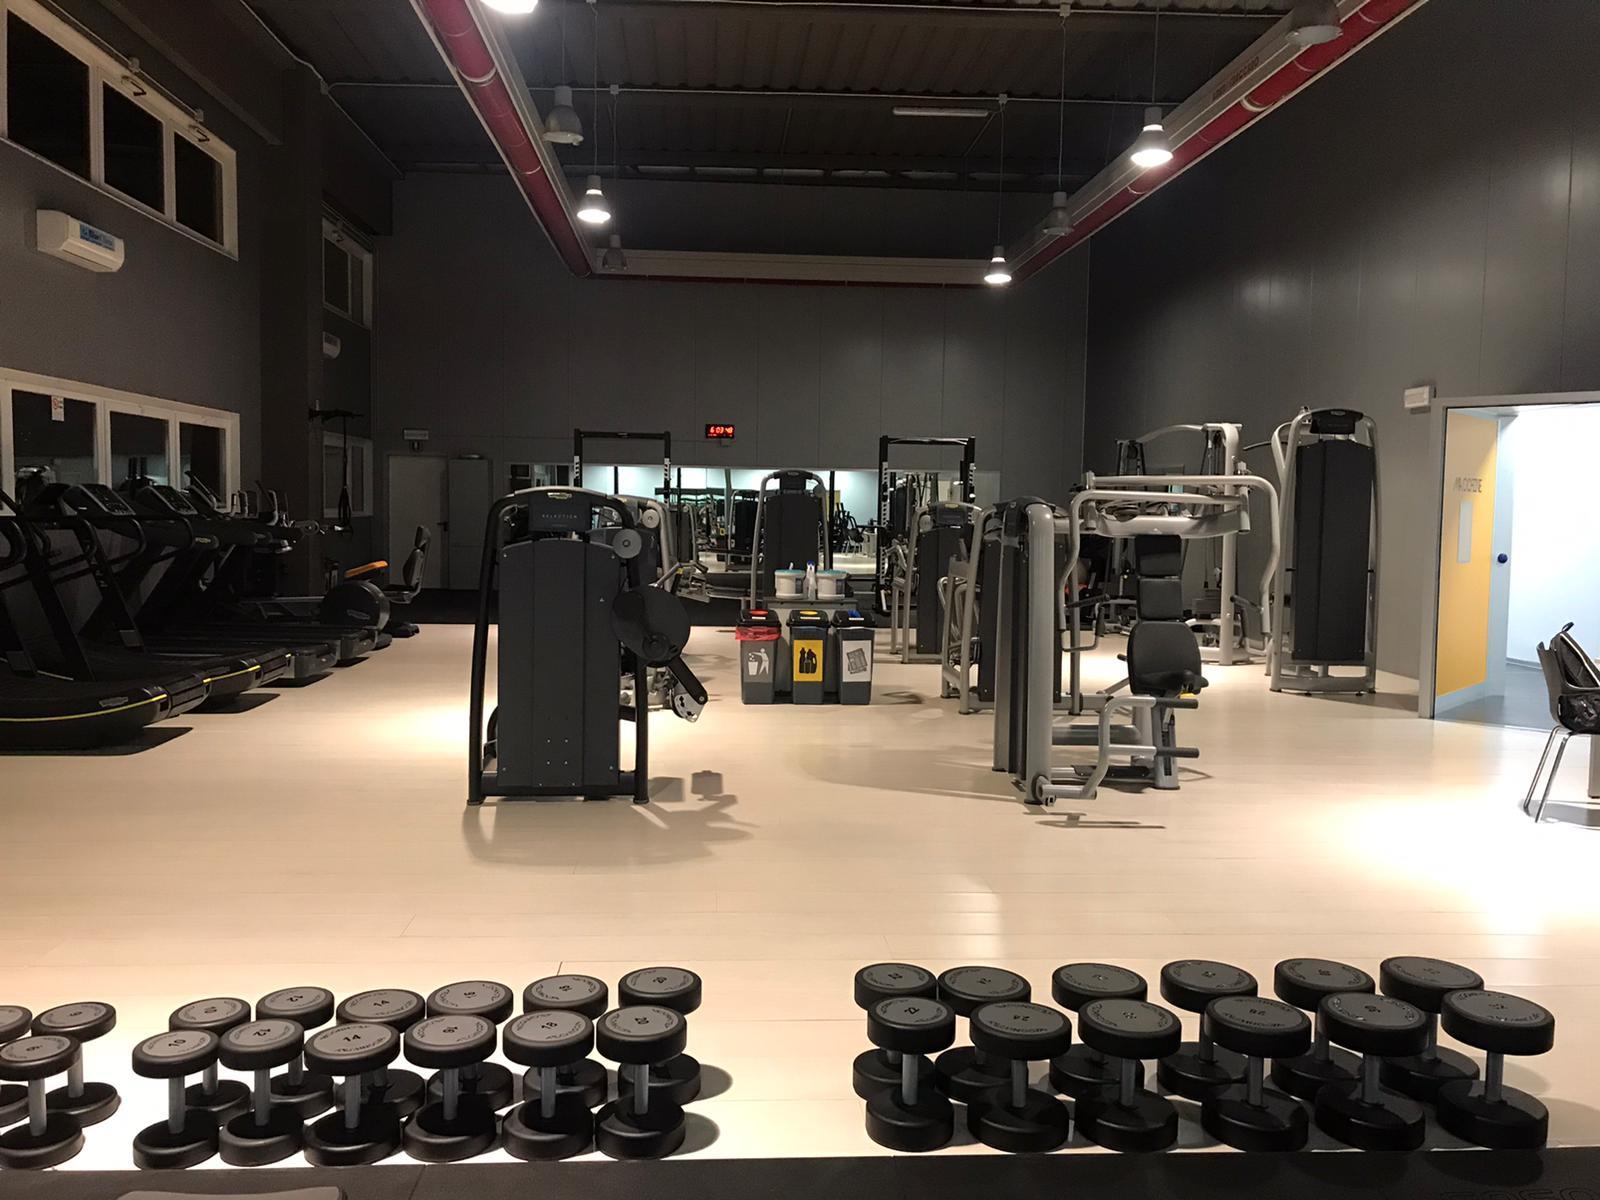 La sala macchine della palestra Officina 5 a Moimacco (Udine)